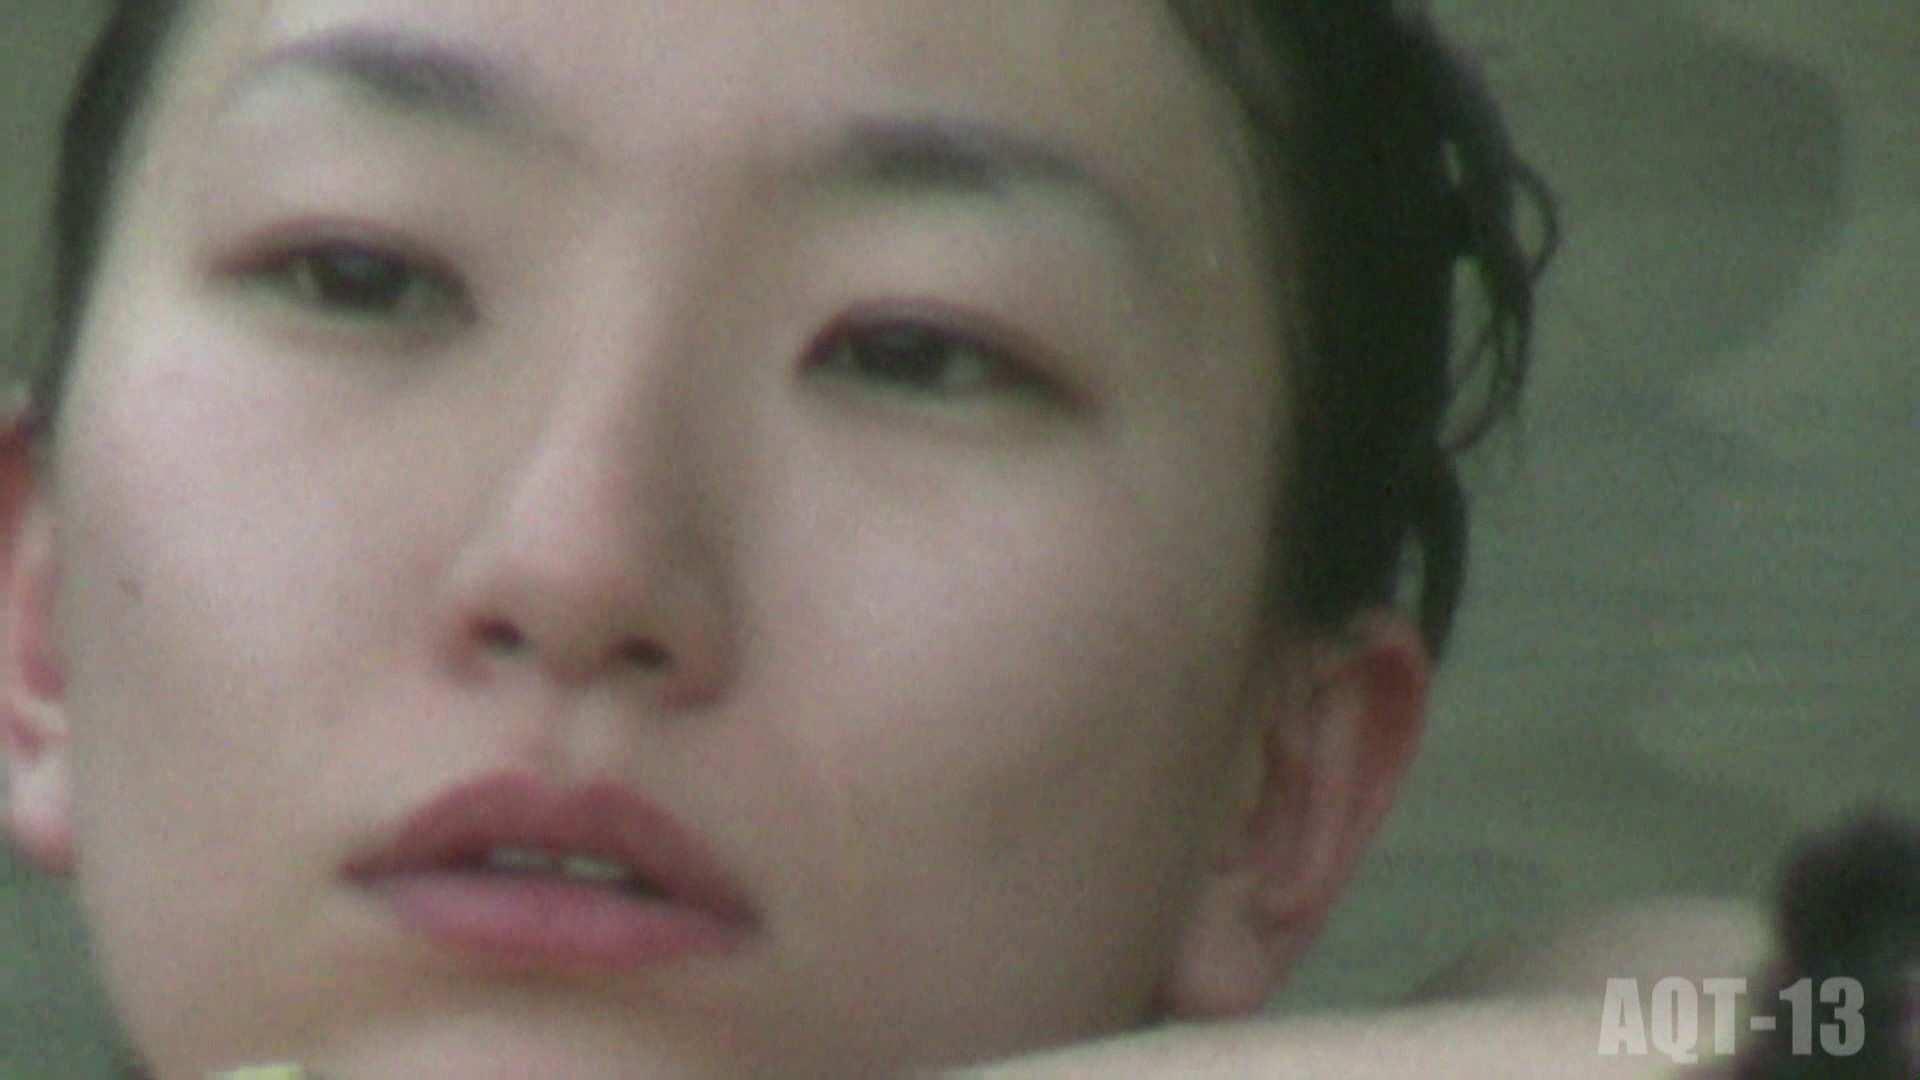 Aquaな露天風呂Vol.818 盗撮 オメコ動画キャプチャ 88画像 11